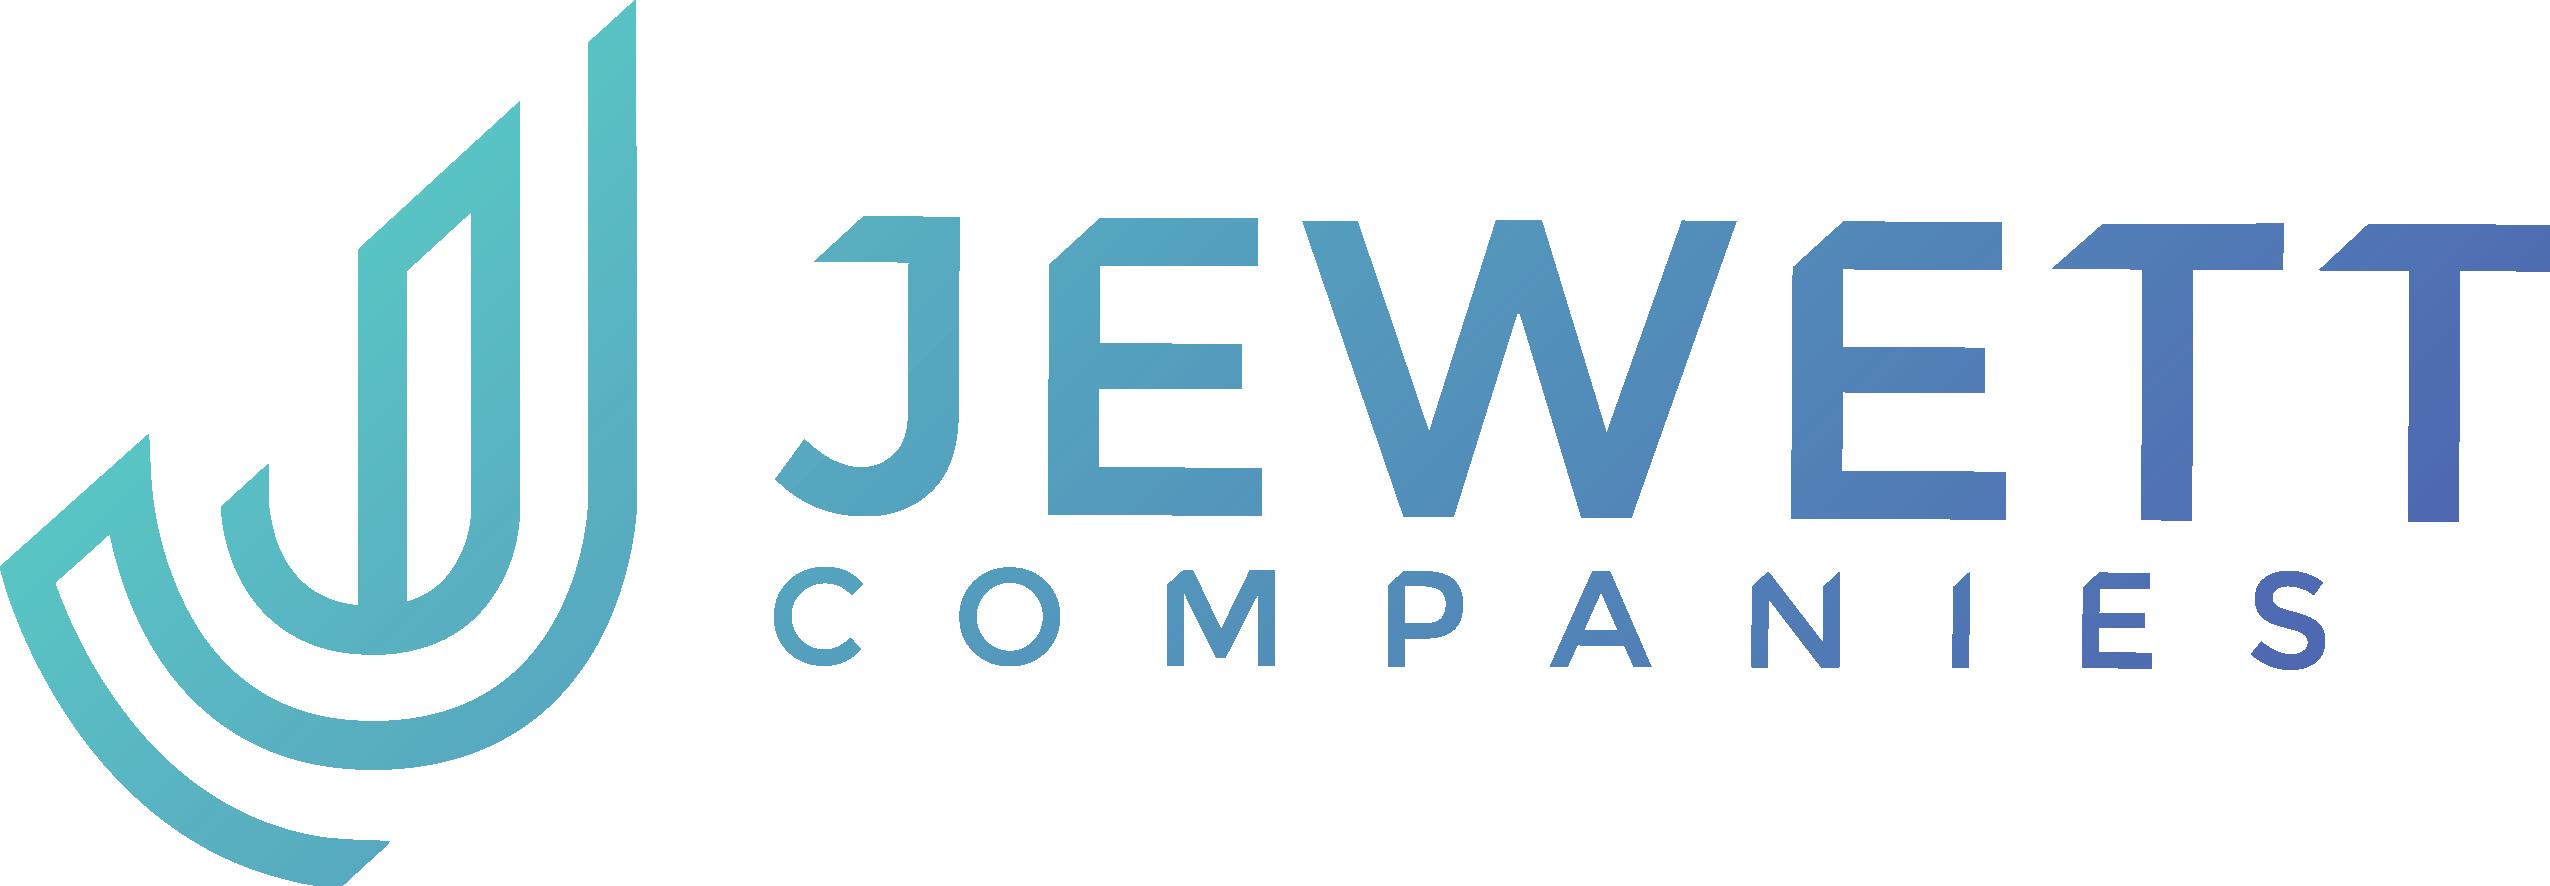 Jewett Companies